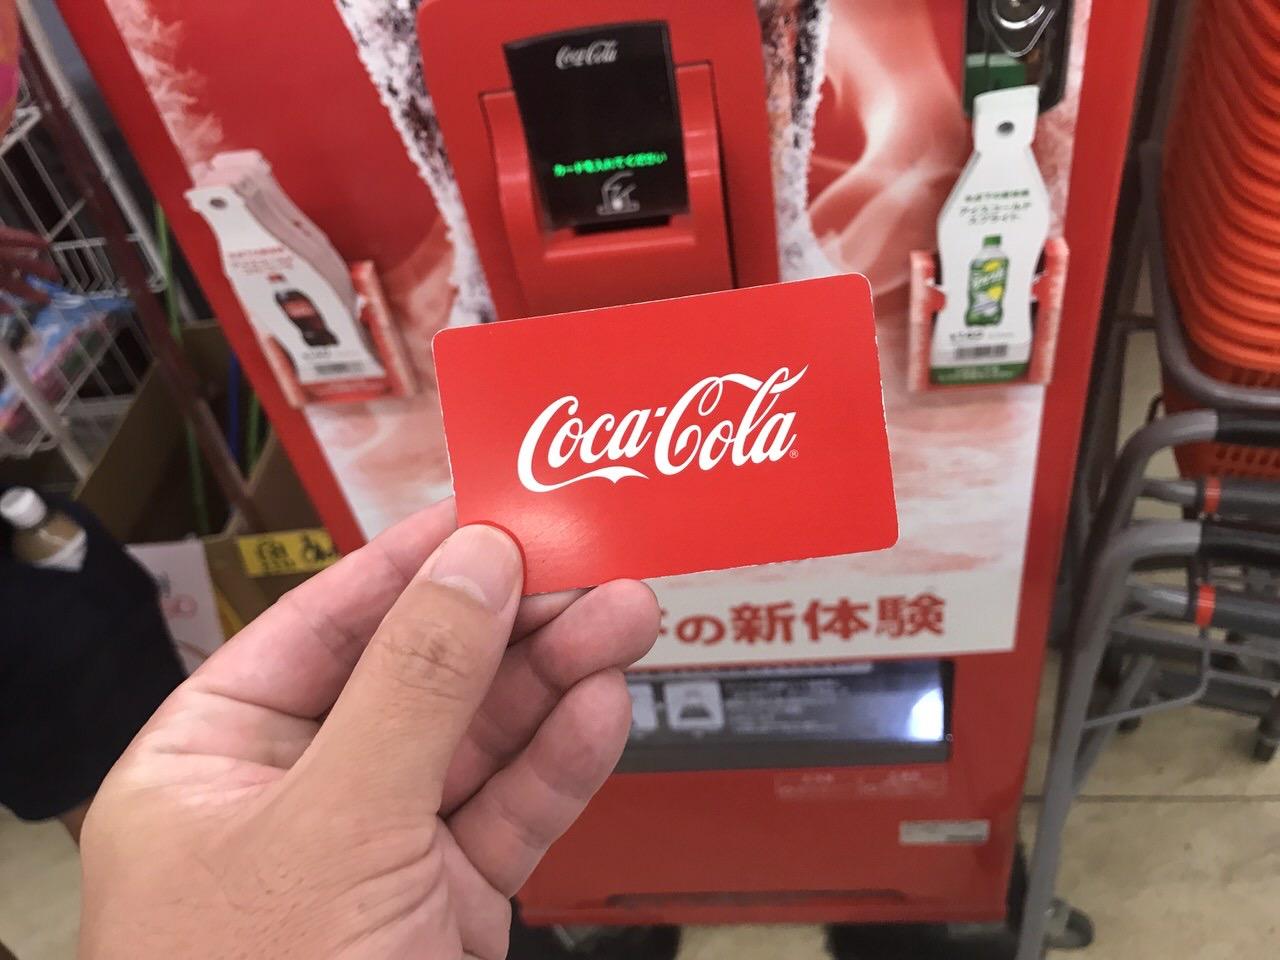 過冷却で凍る「アイスコールド コカコーラ」4